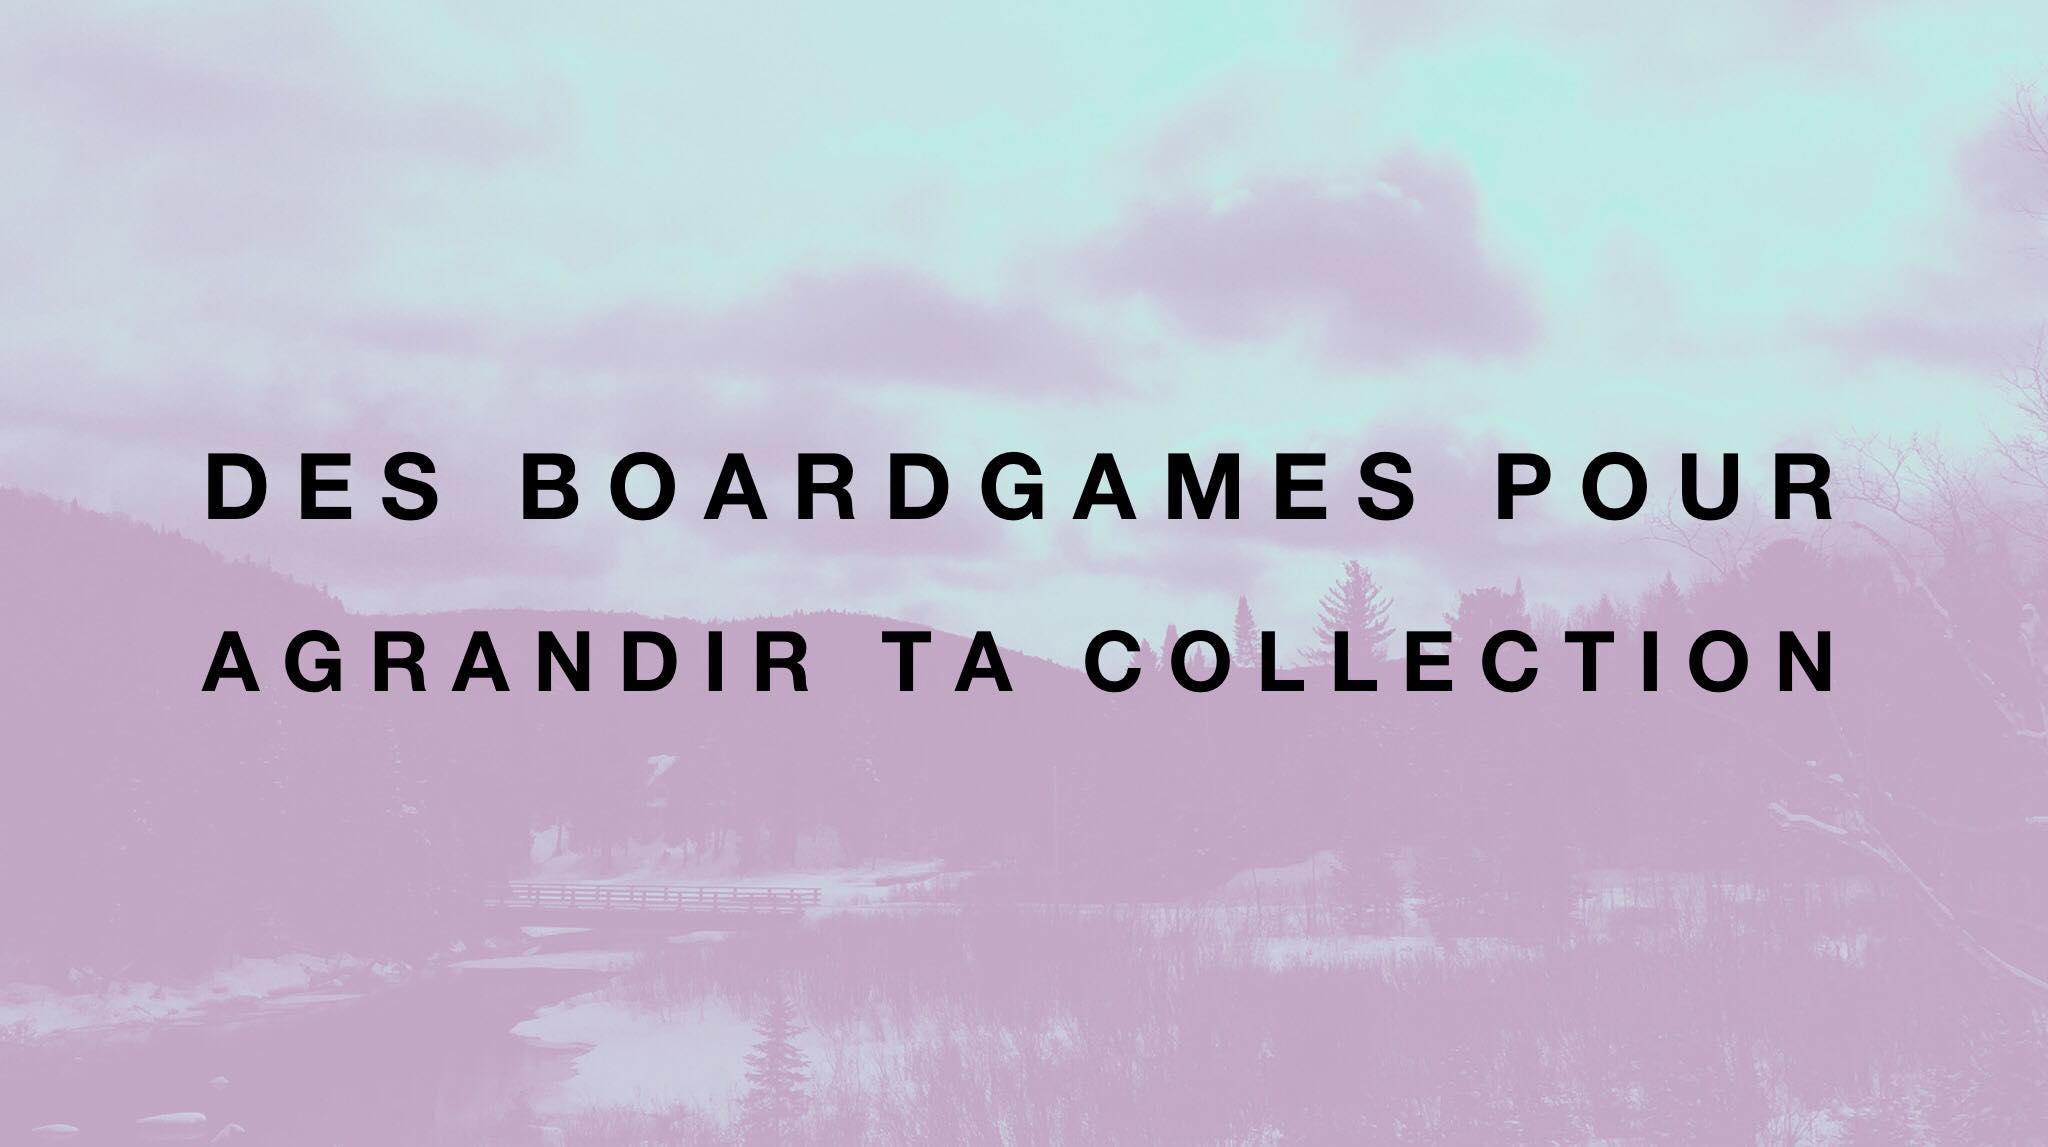 Des boardgames pour plusieurs joueurs.